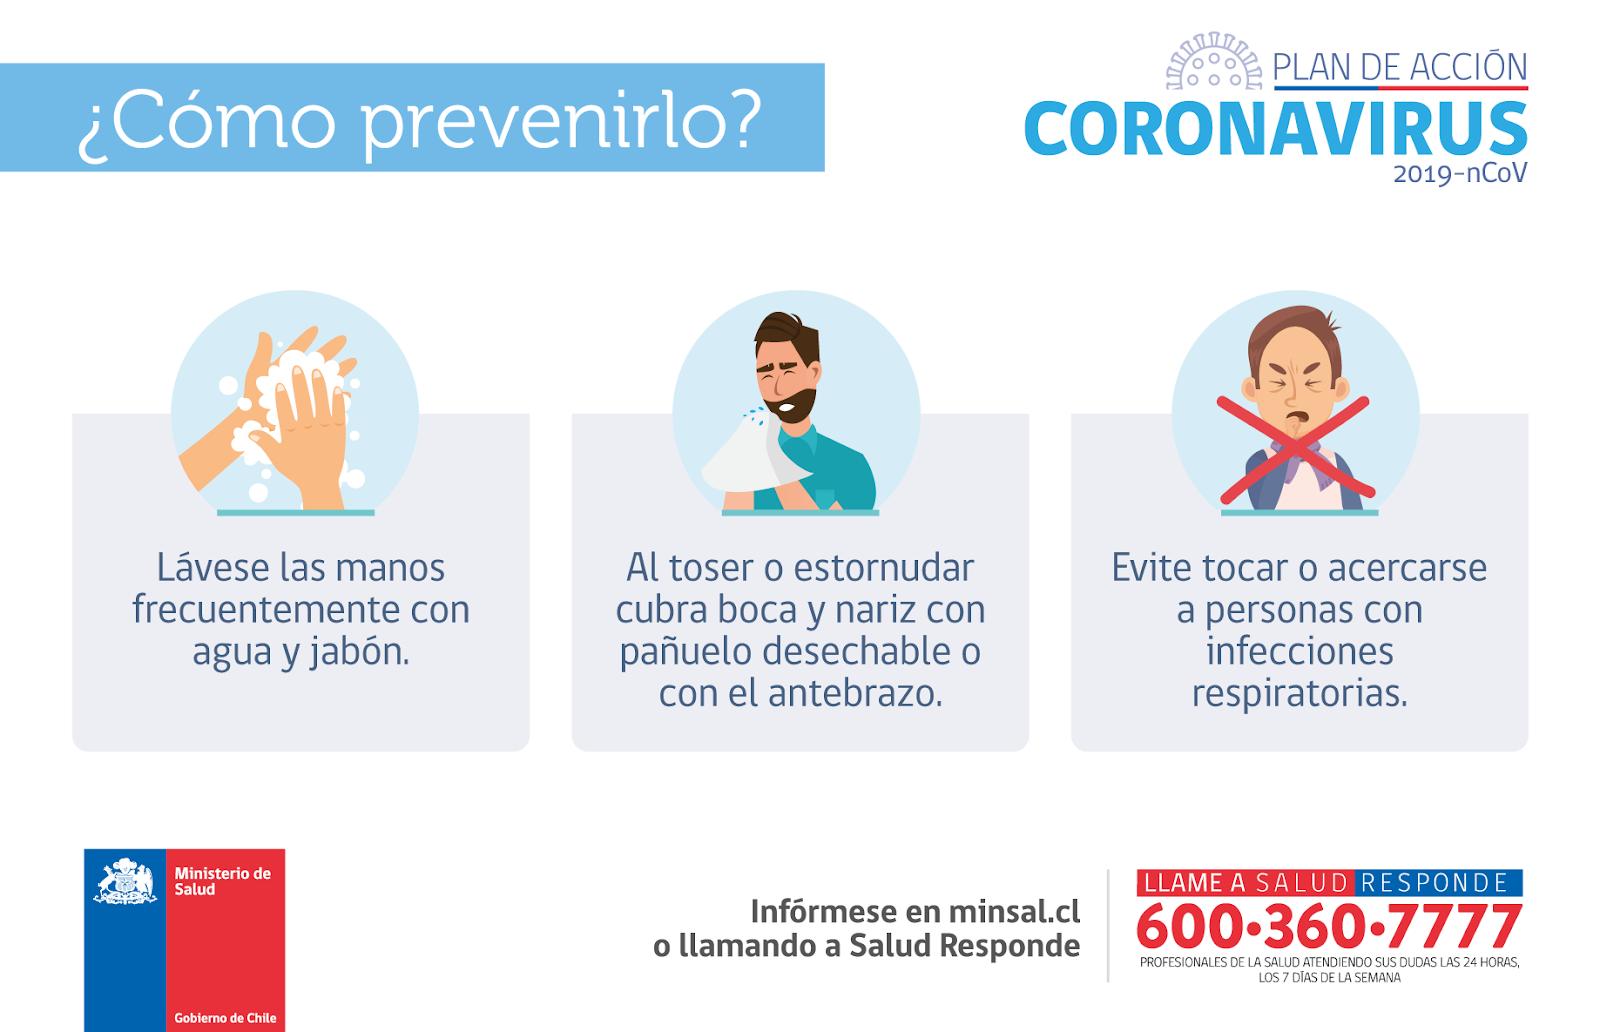 como prevenir corona virus